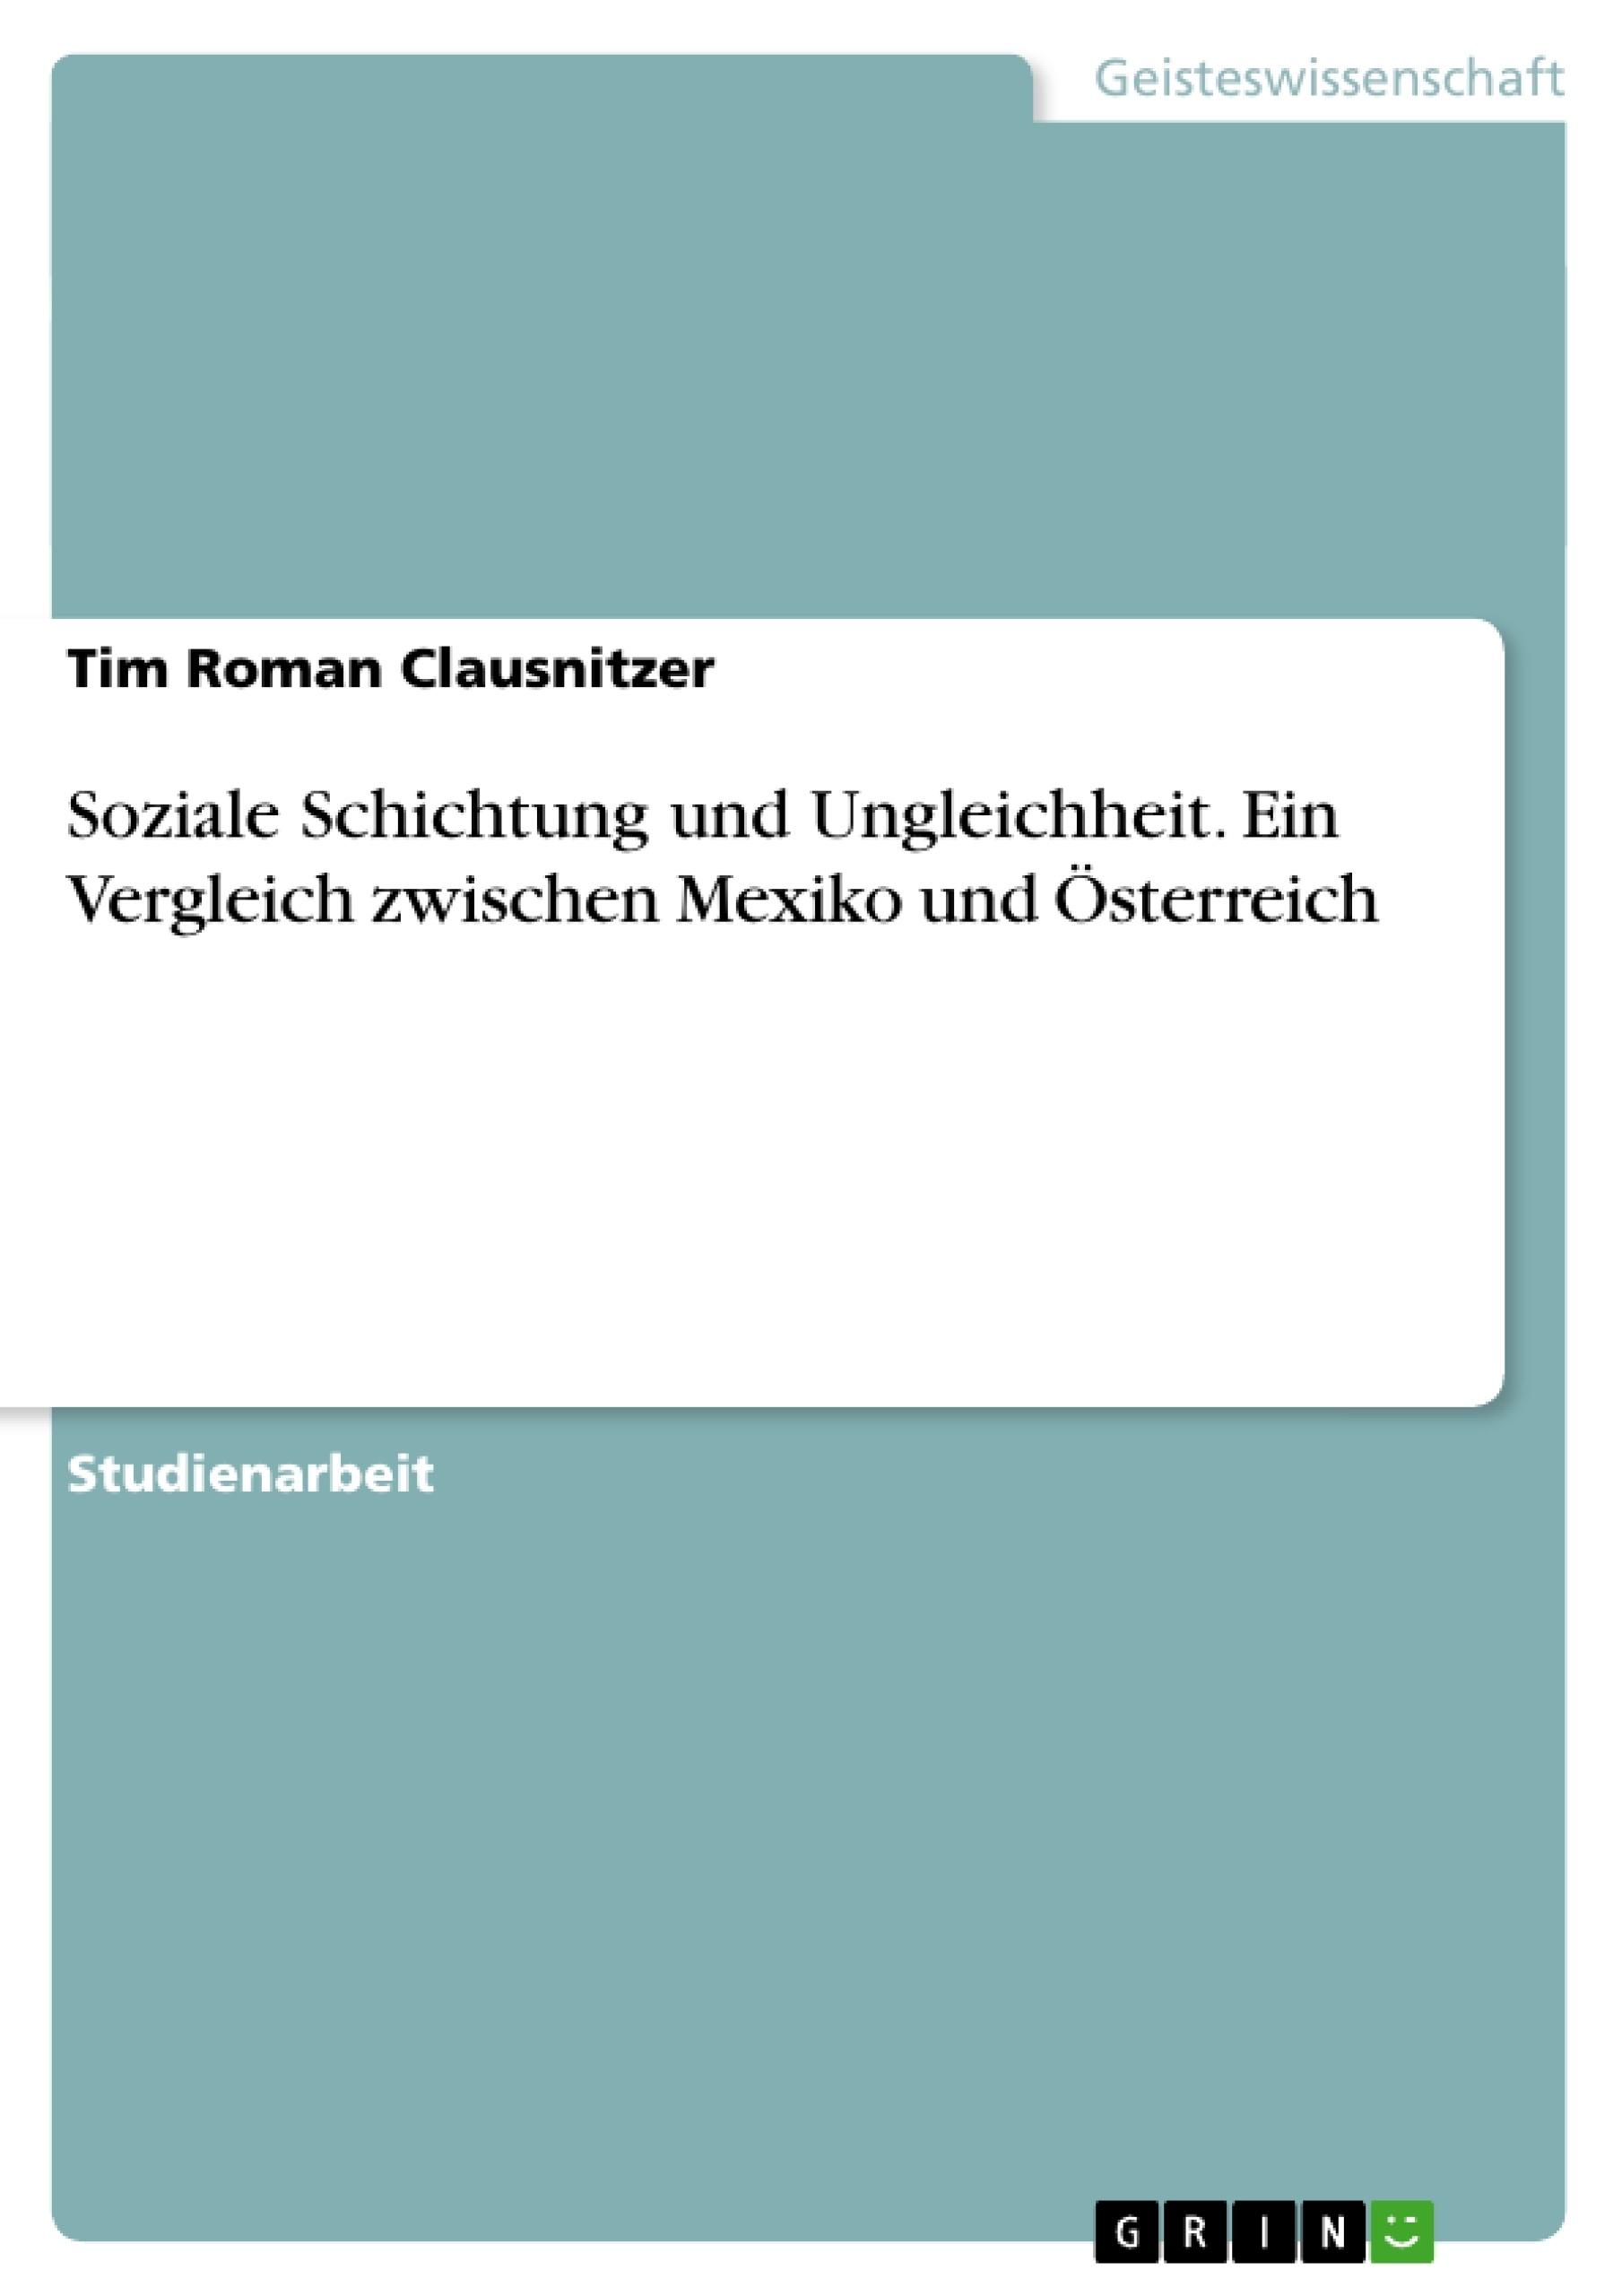 read Georg Gottfried Gervinus: Historisches Urteil